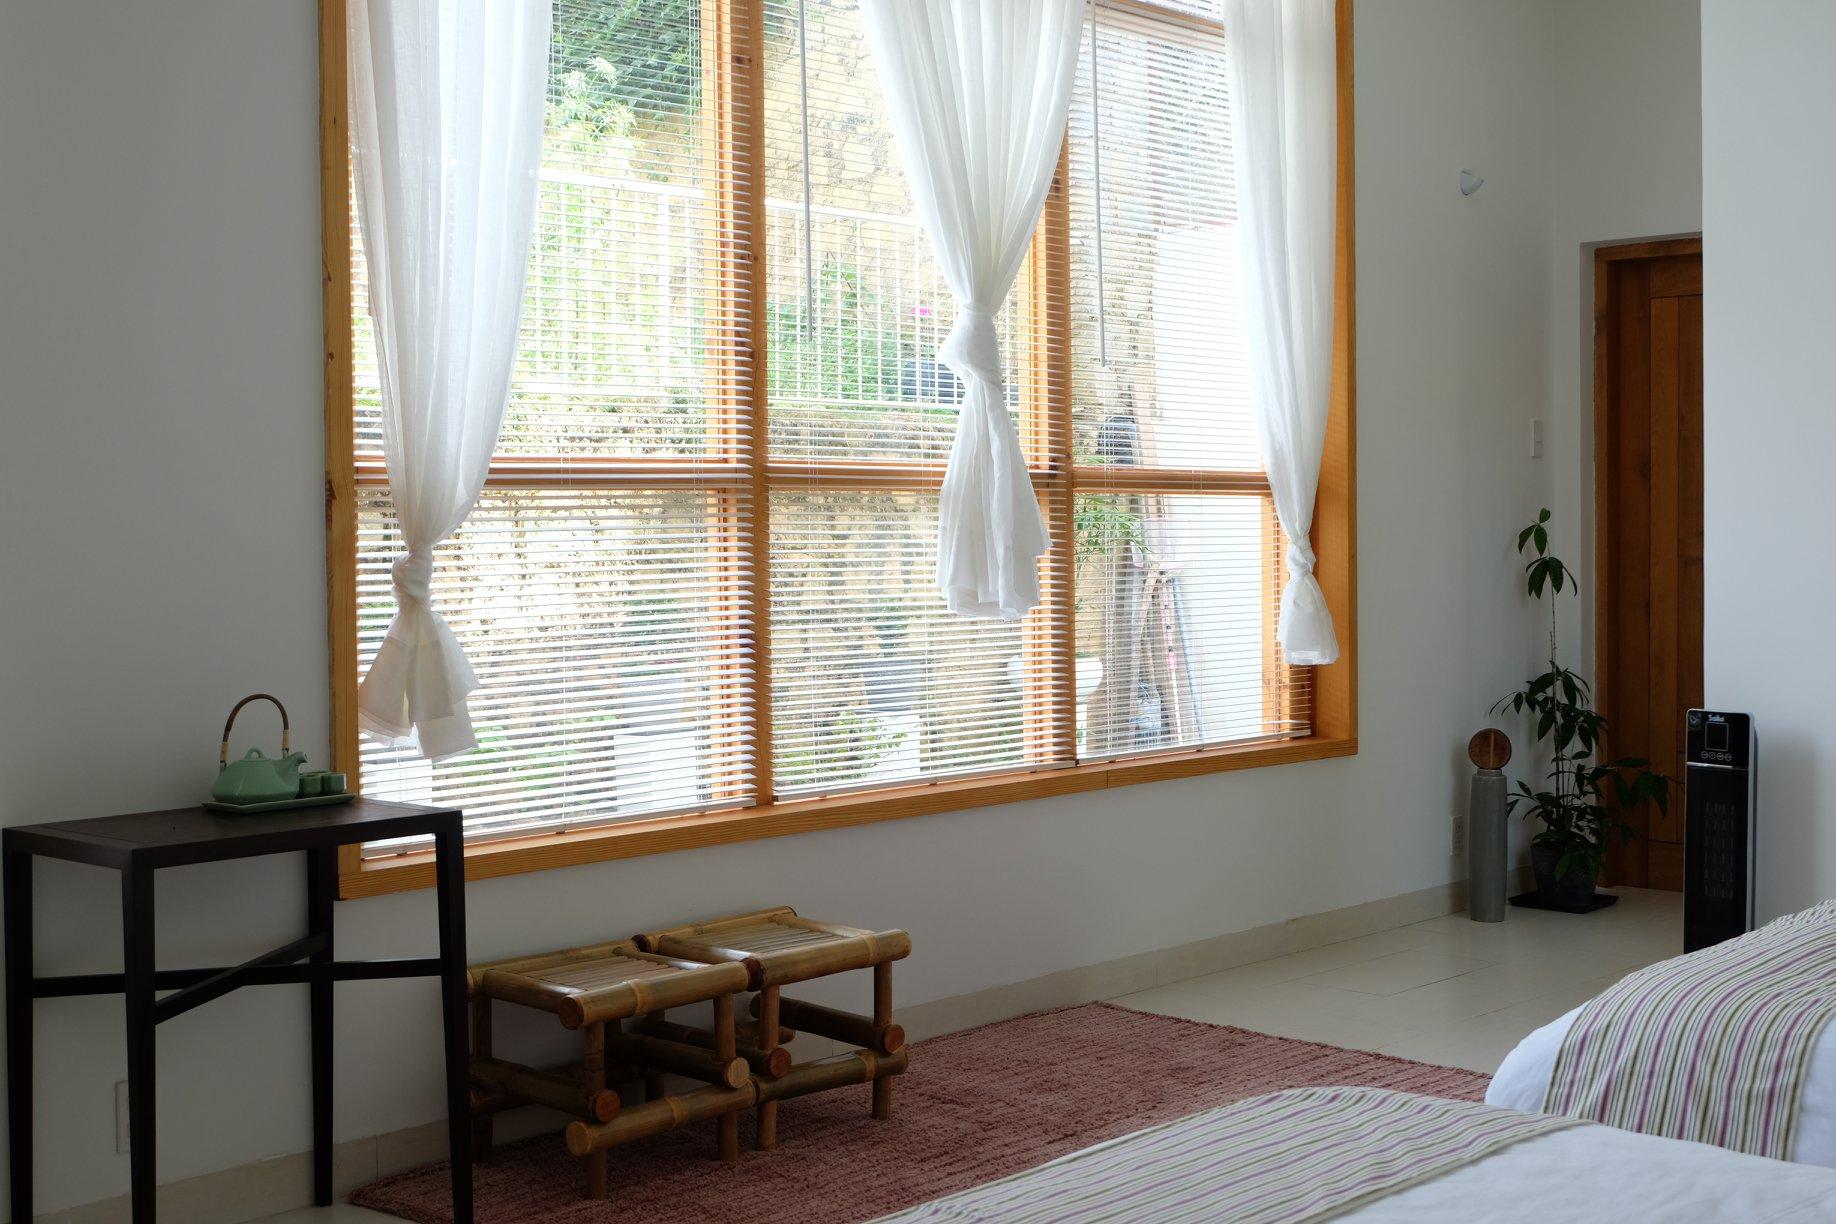 Nguyên liệu gỗ - tre kết hợp hài hoà với sắc trắng, mang lại cảm giác êm dịu, thảnh thơi